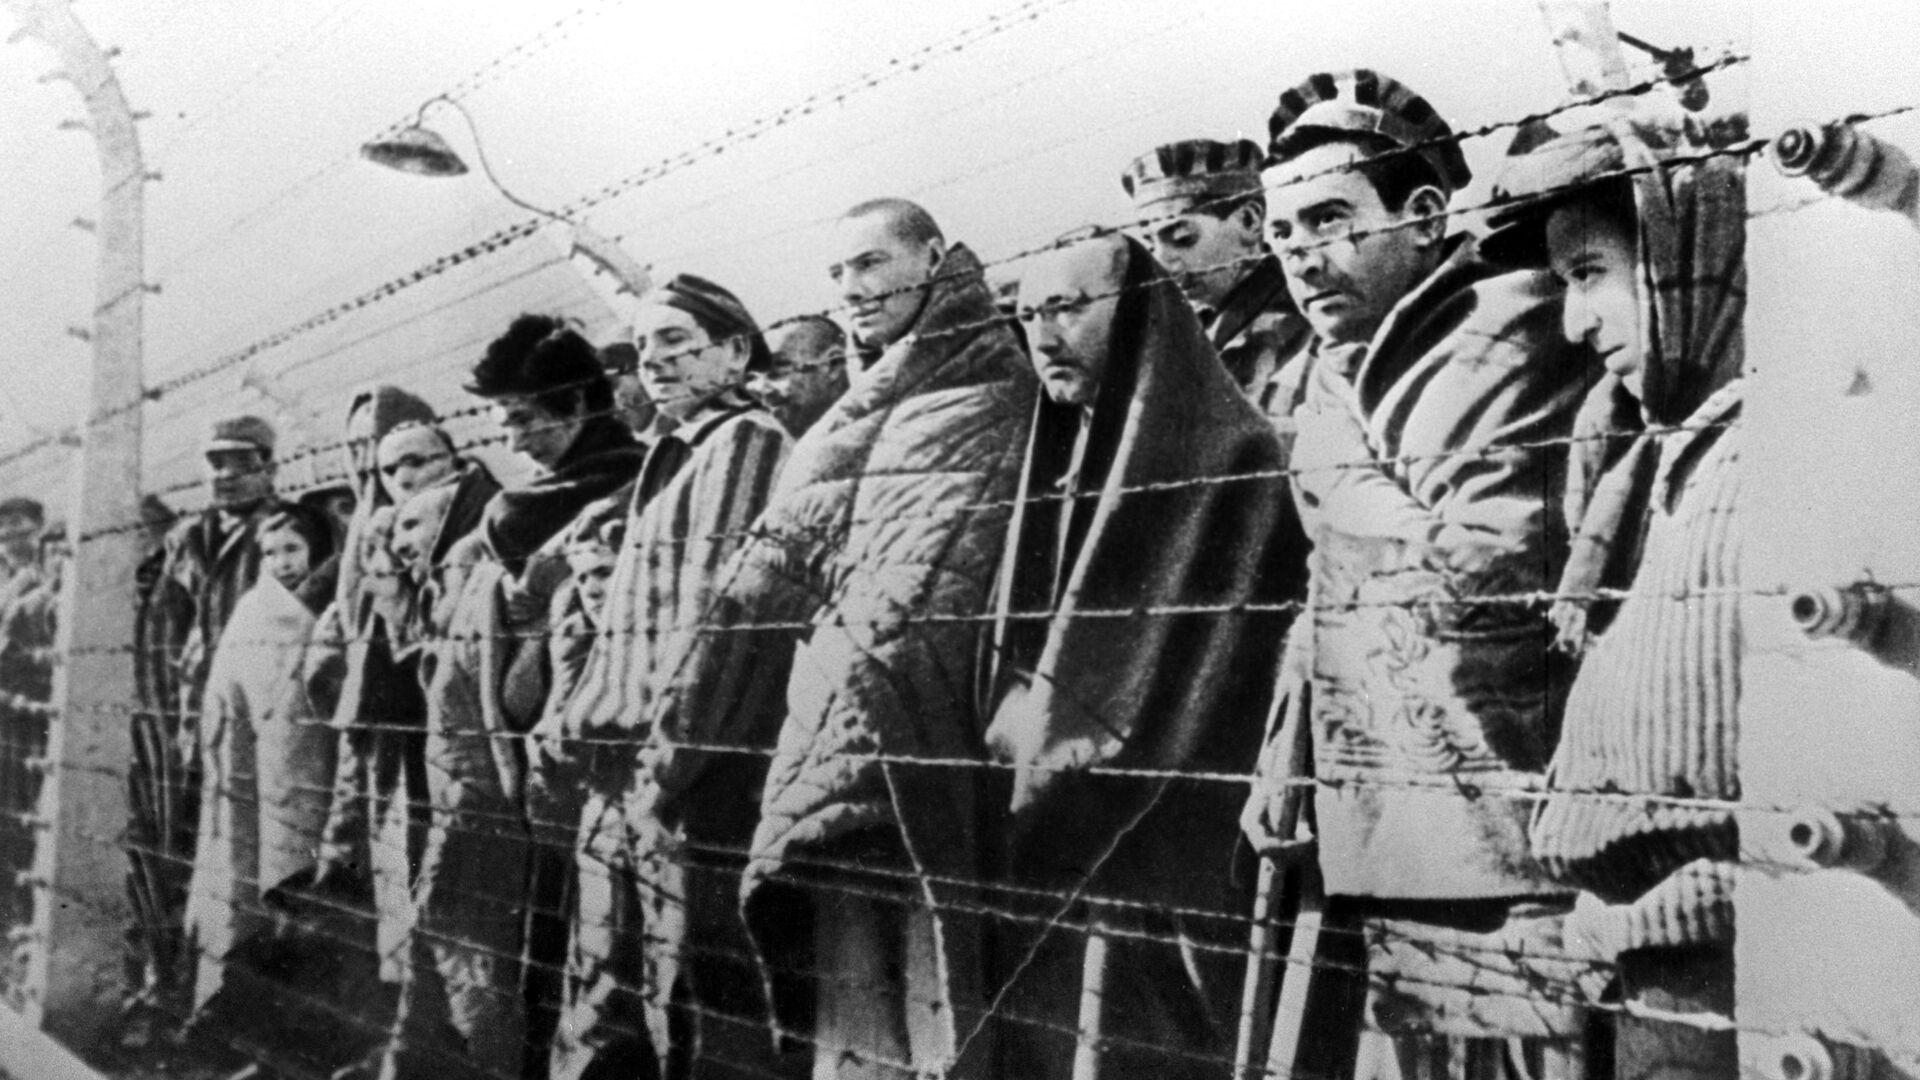 Узники концентрационного лагеря Освенцим, освобожденные войсками Красной армии в январе 1945 года - Sputnik Узбекистан, 1920, 22.07.2021